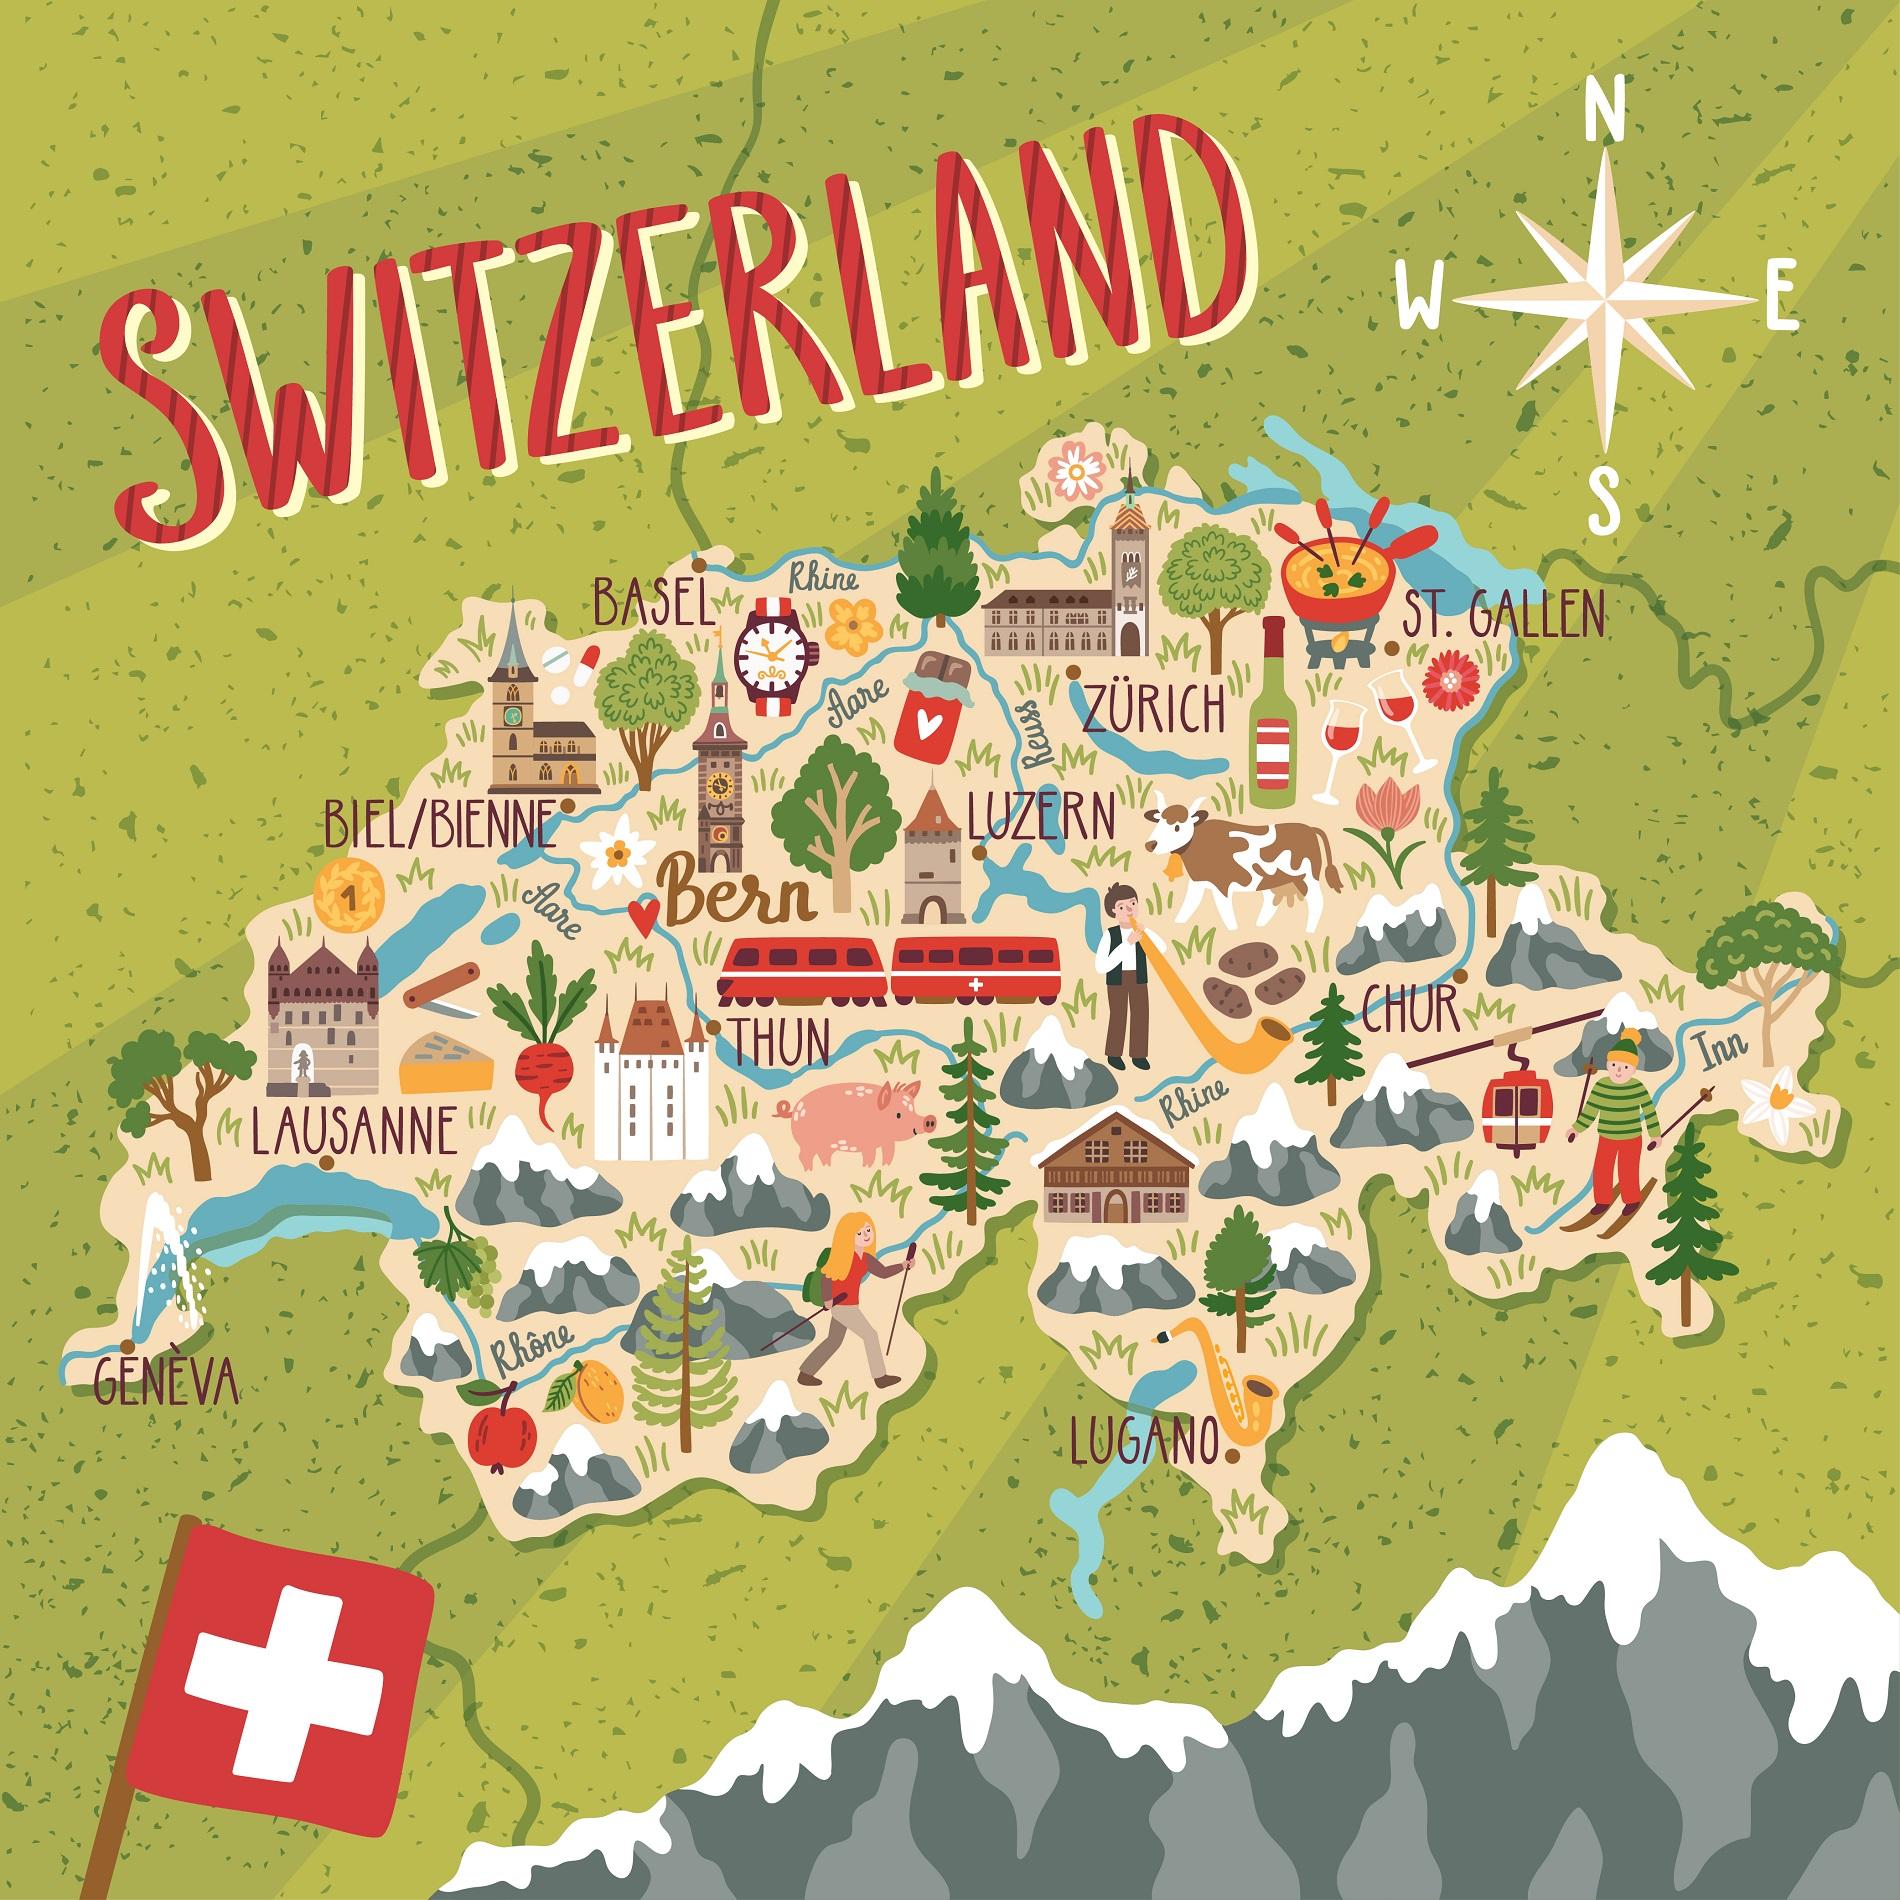 Cantoni Cartina Politica Svizzera.Vivere In Svizzera Guida Completa E Consigli Utili